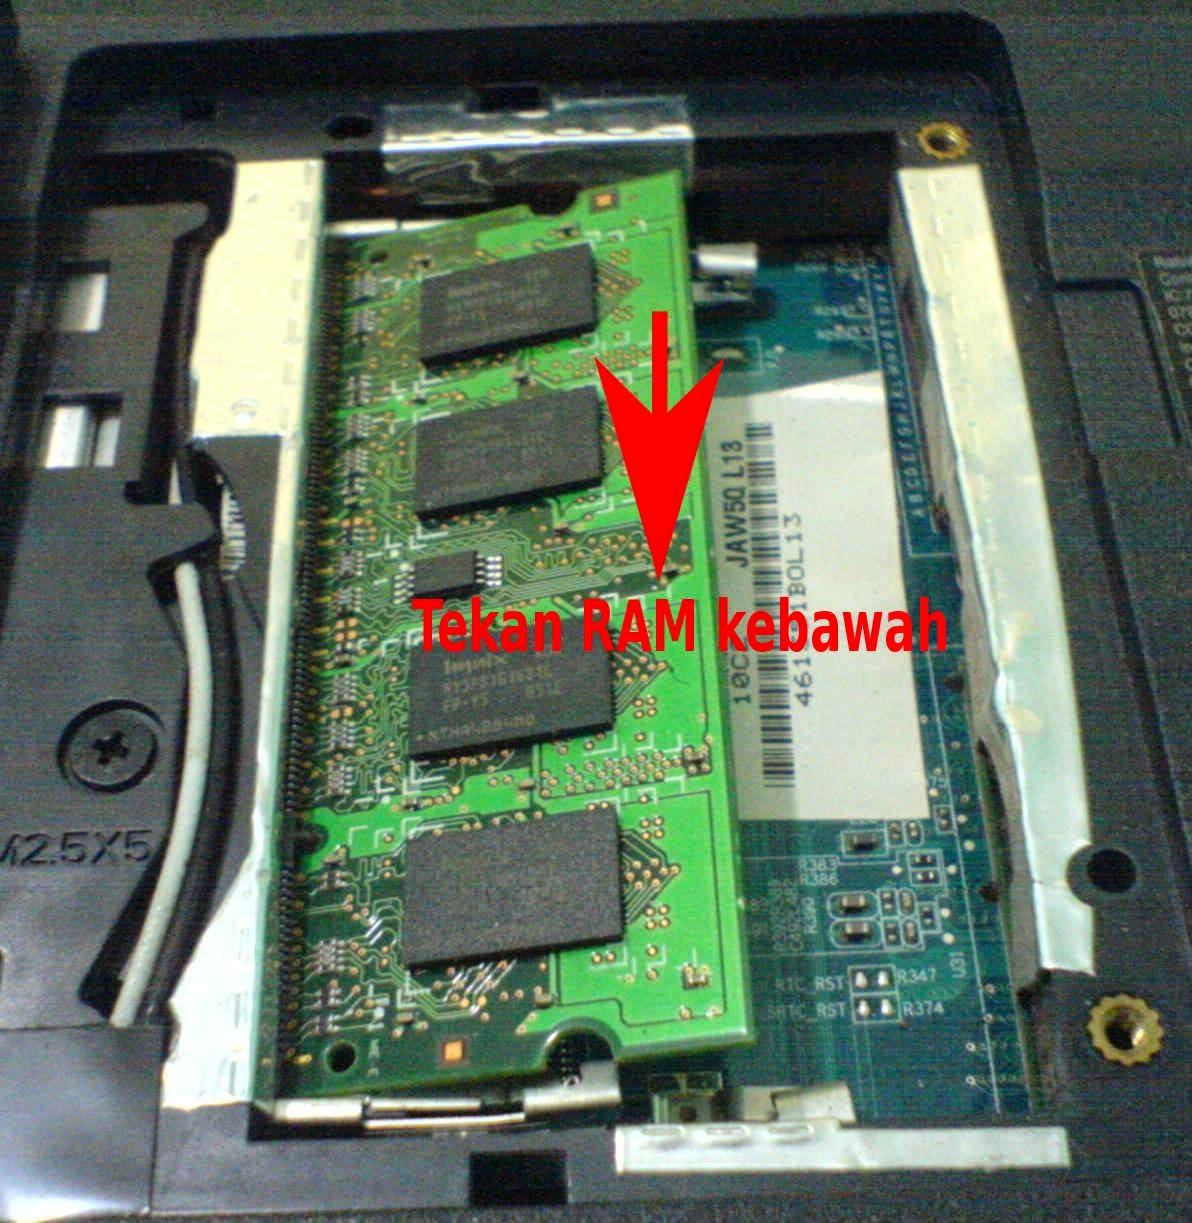 Menambah atau Mengganti RAM Pada Laptop | Semangat Baru ...